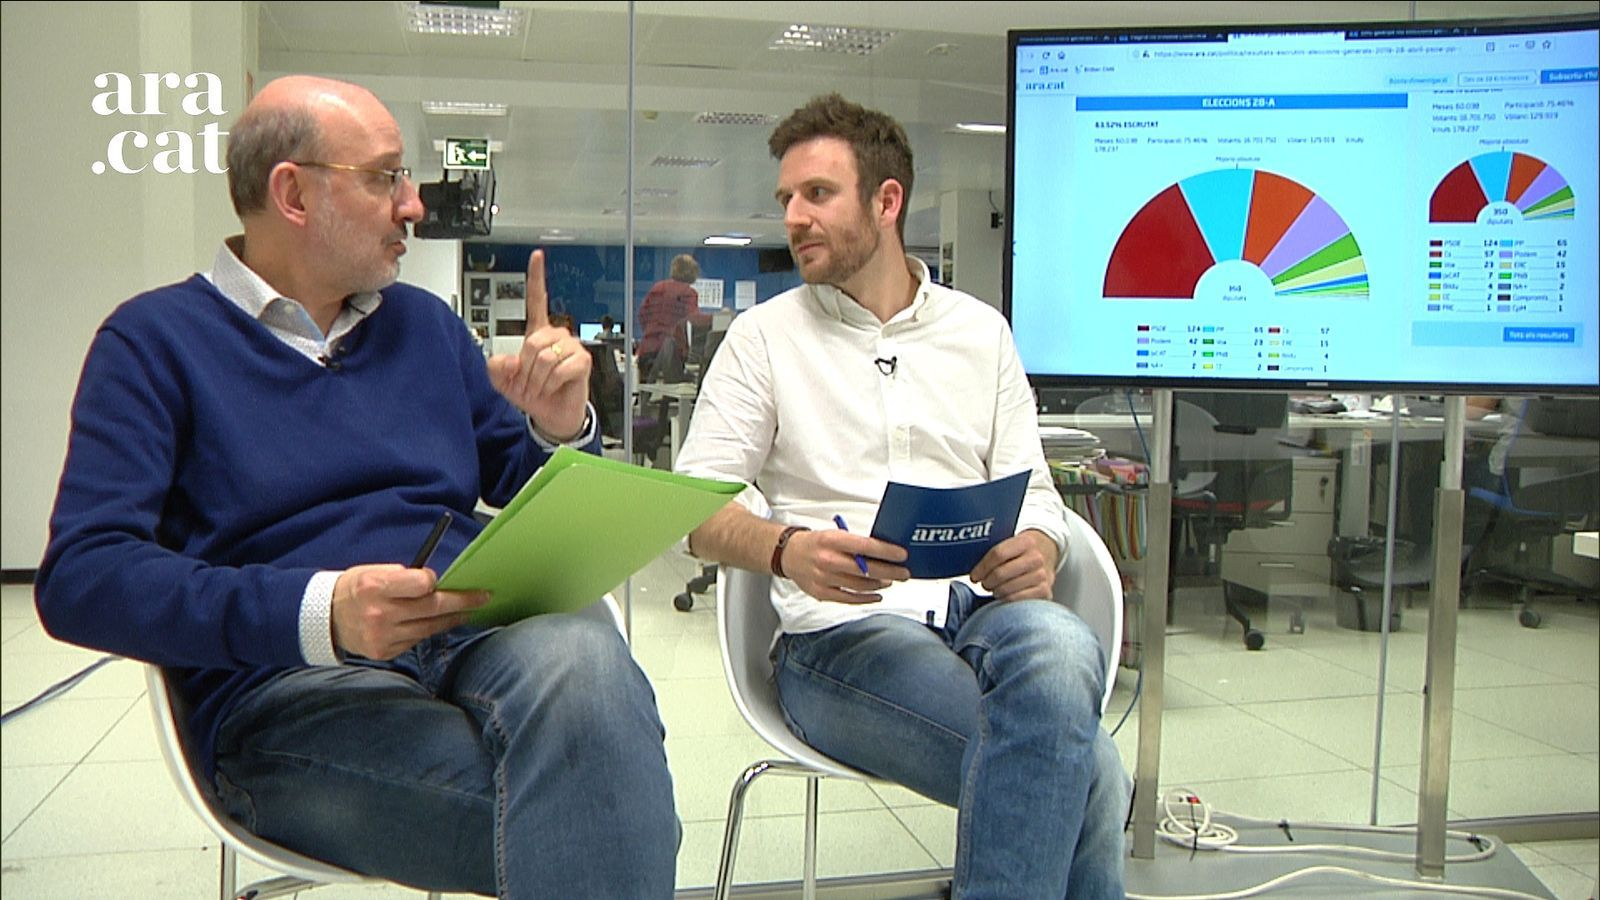 Eleccions generals 28-A: Antoni Bassas i Maiol Roger analitzen els resultats amb l'escrutini avançat